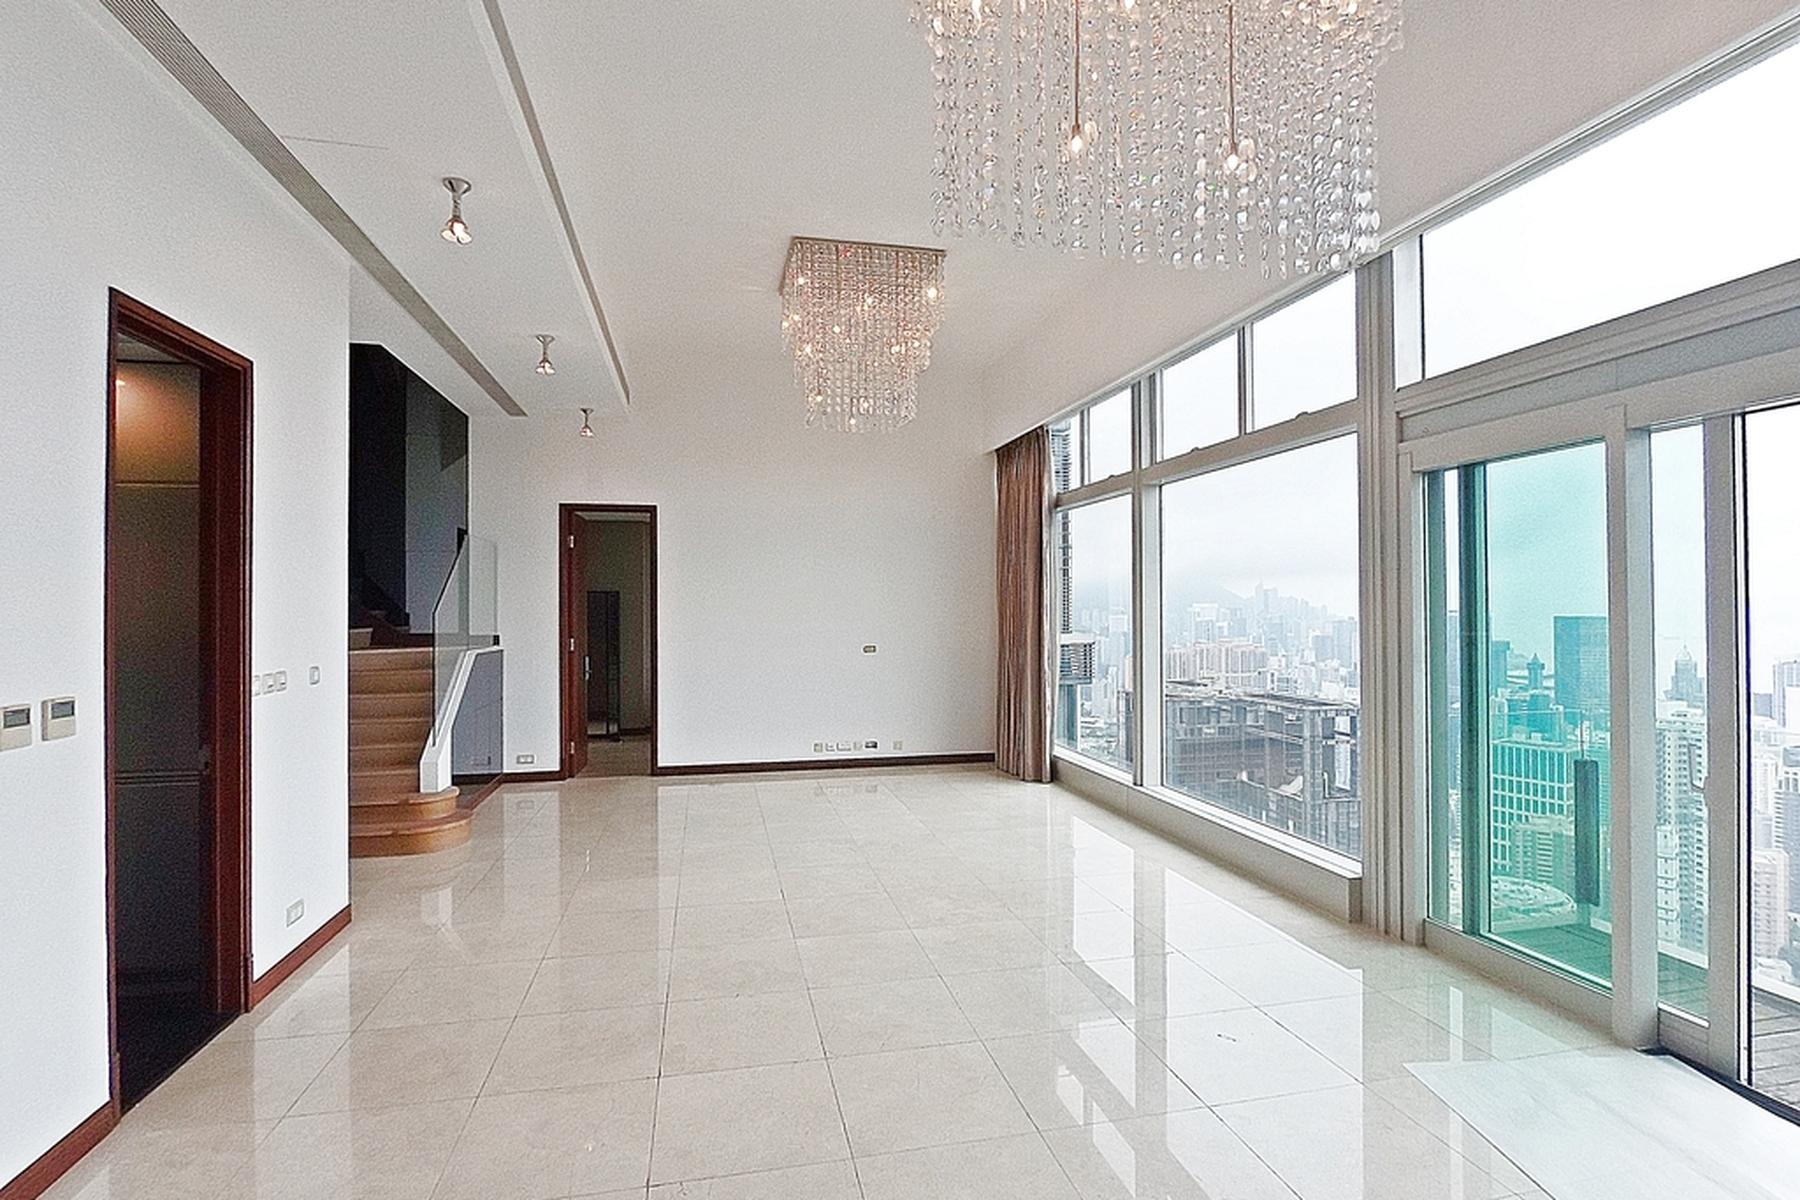 Duplex for Sale at The Legend - Block 01 Other Hong Kong, Hong Kong